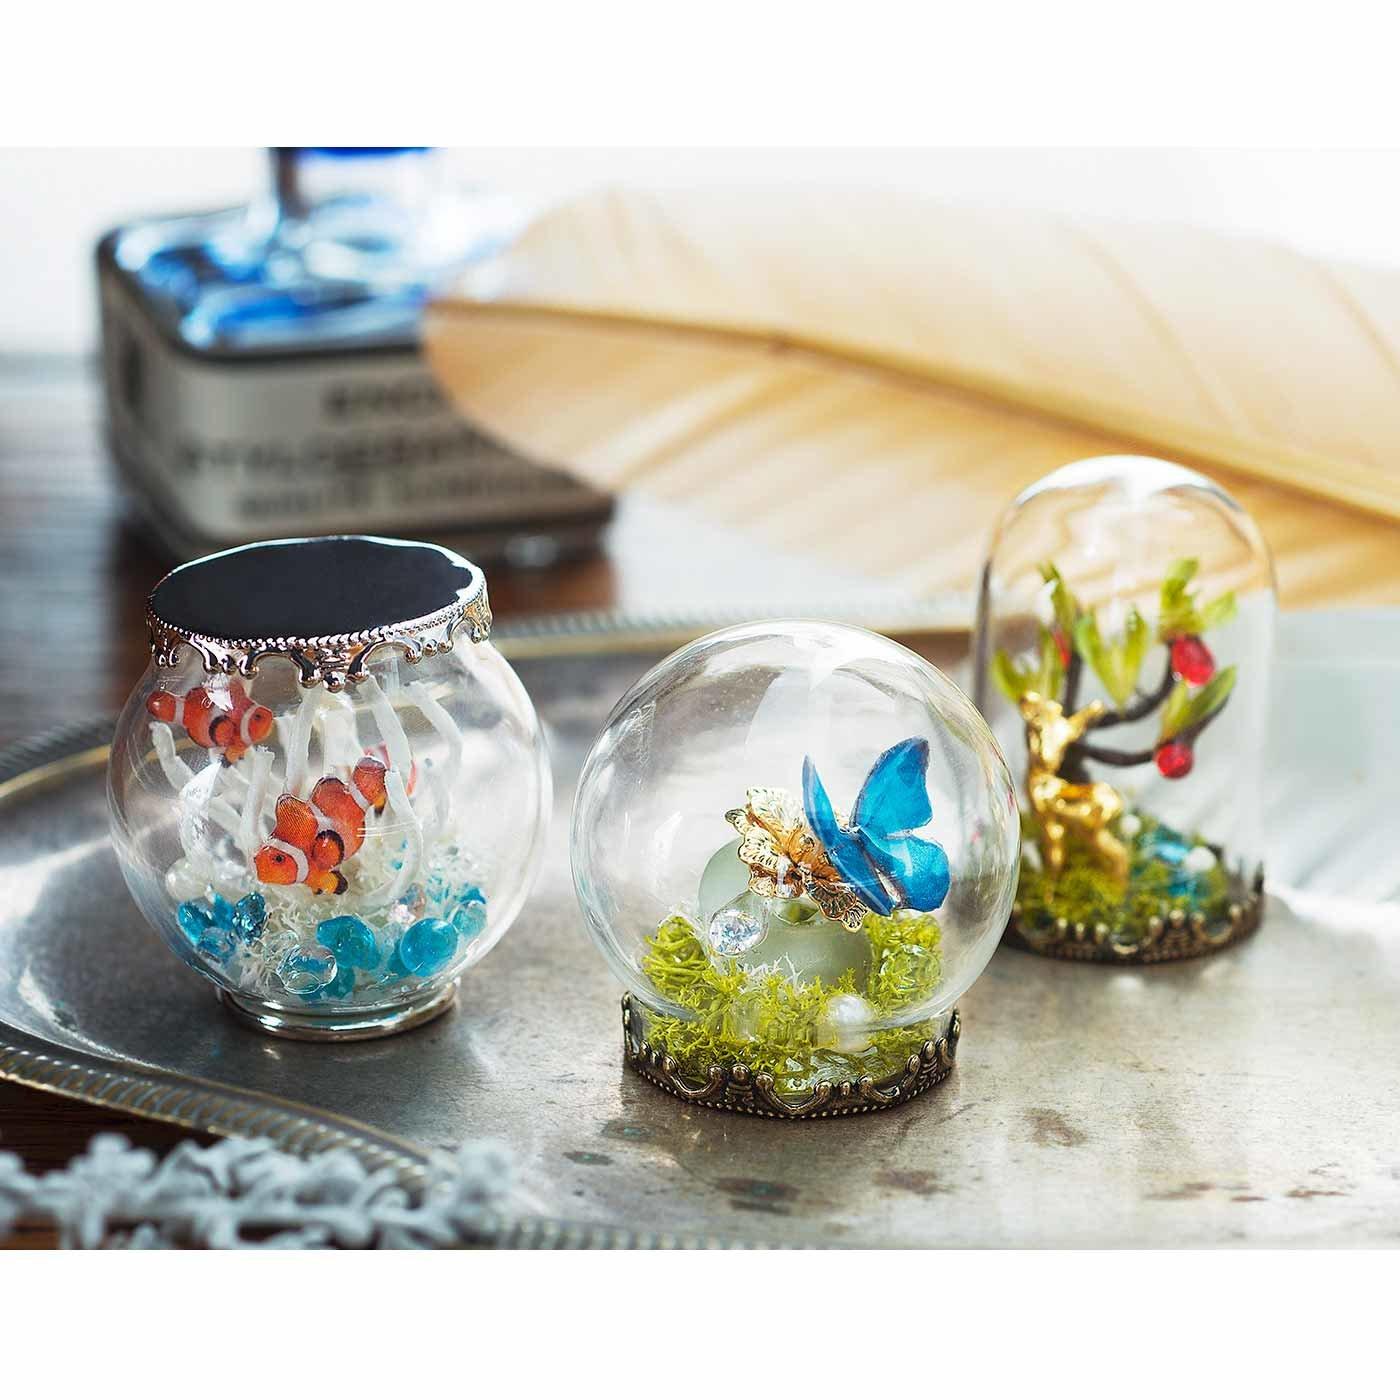 時をとじ込めた海と森の風景 UVレジンで彩る 小さなガラスドームの会